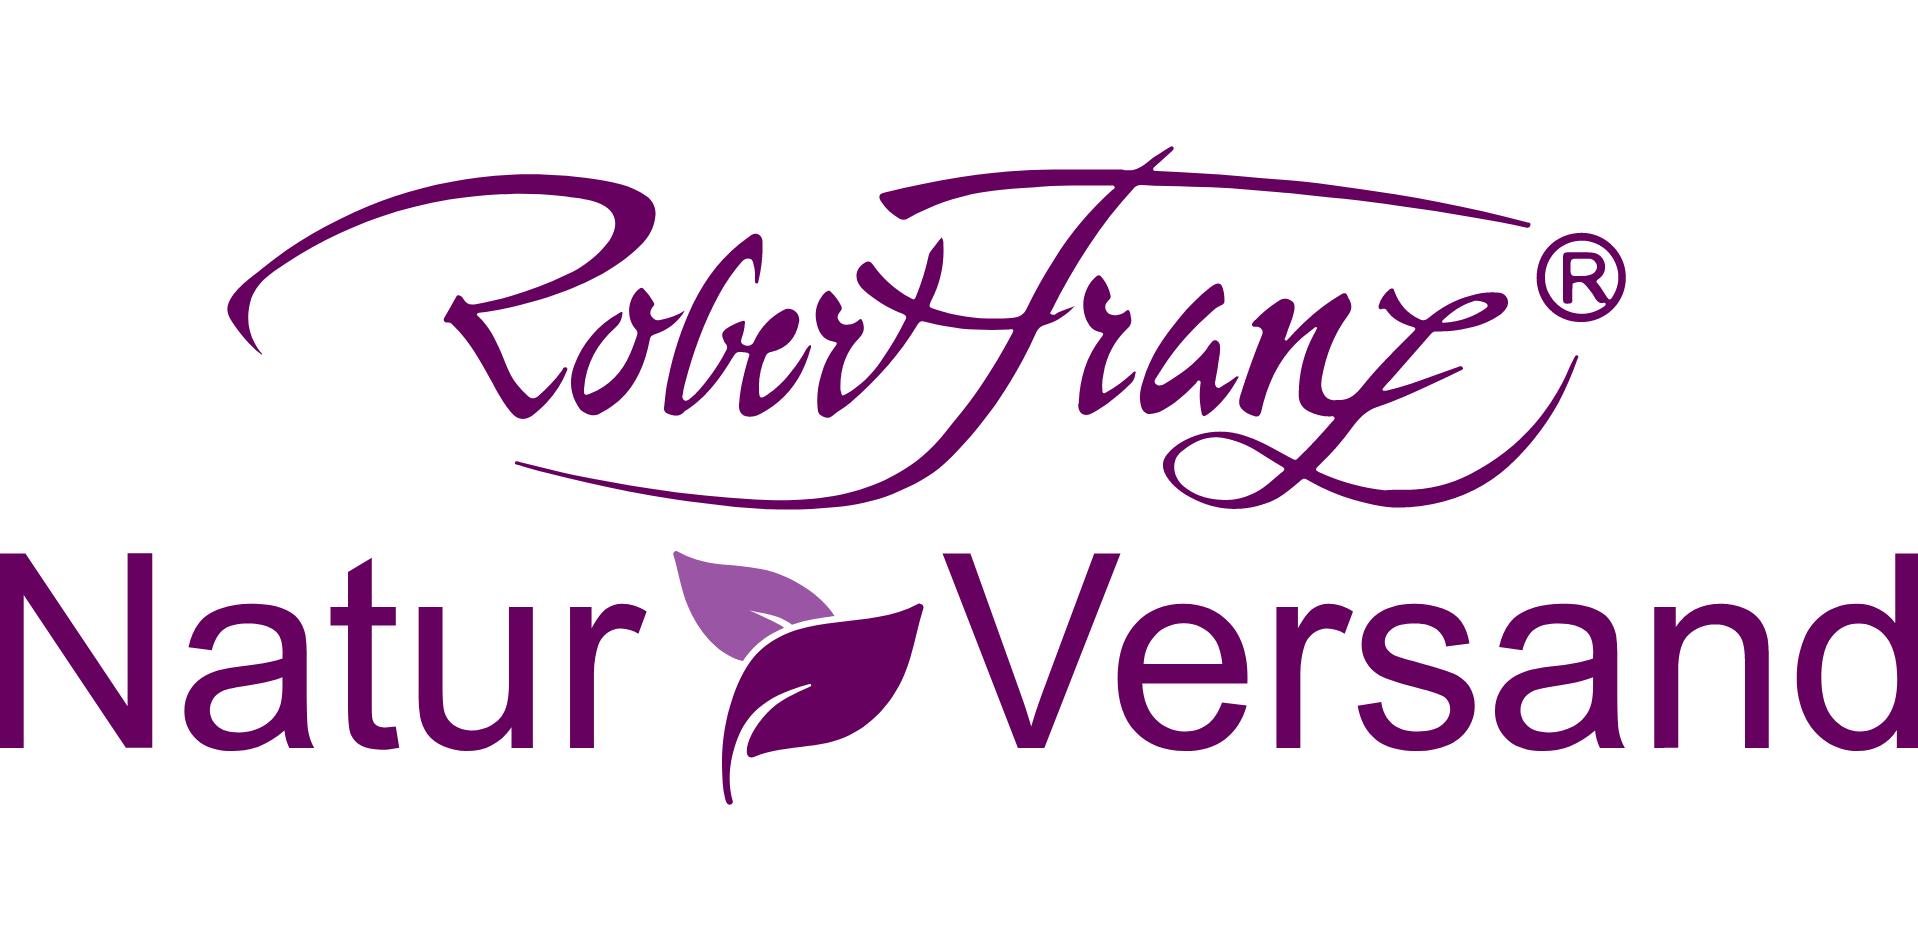 Robert-Franz Naturversand